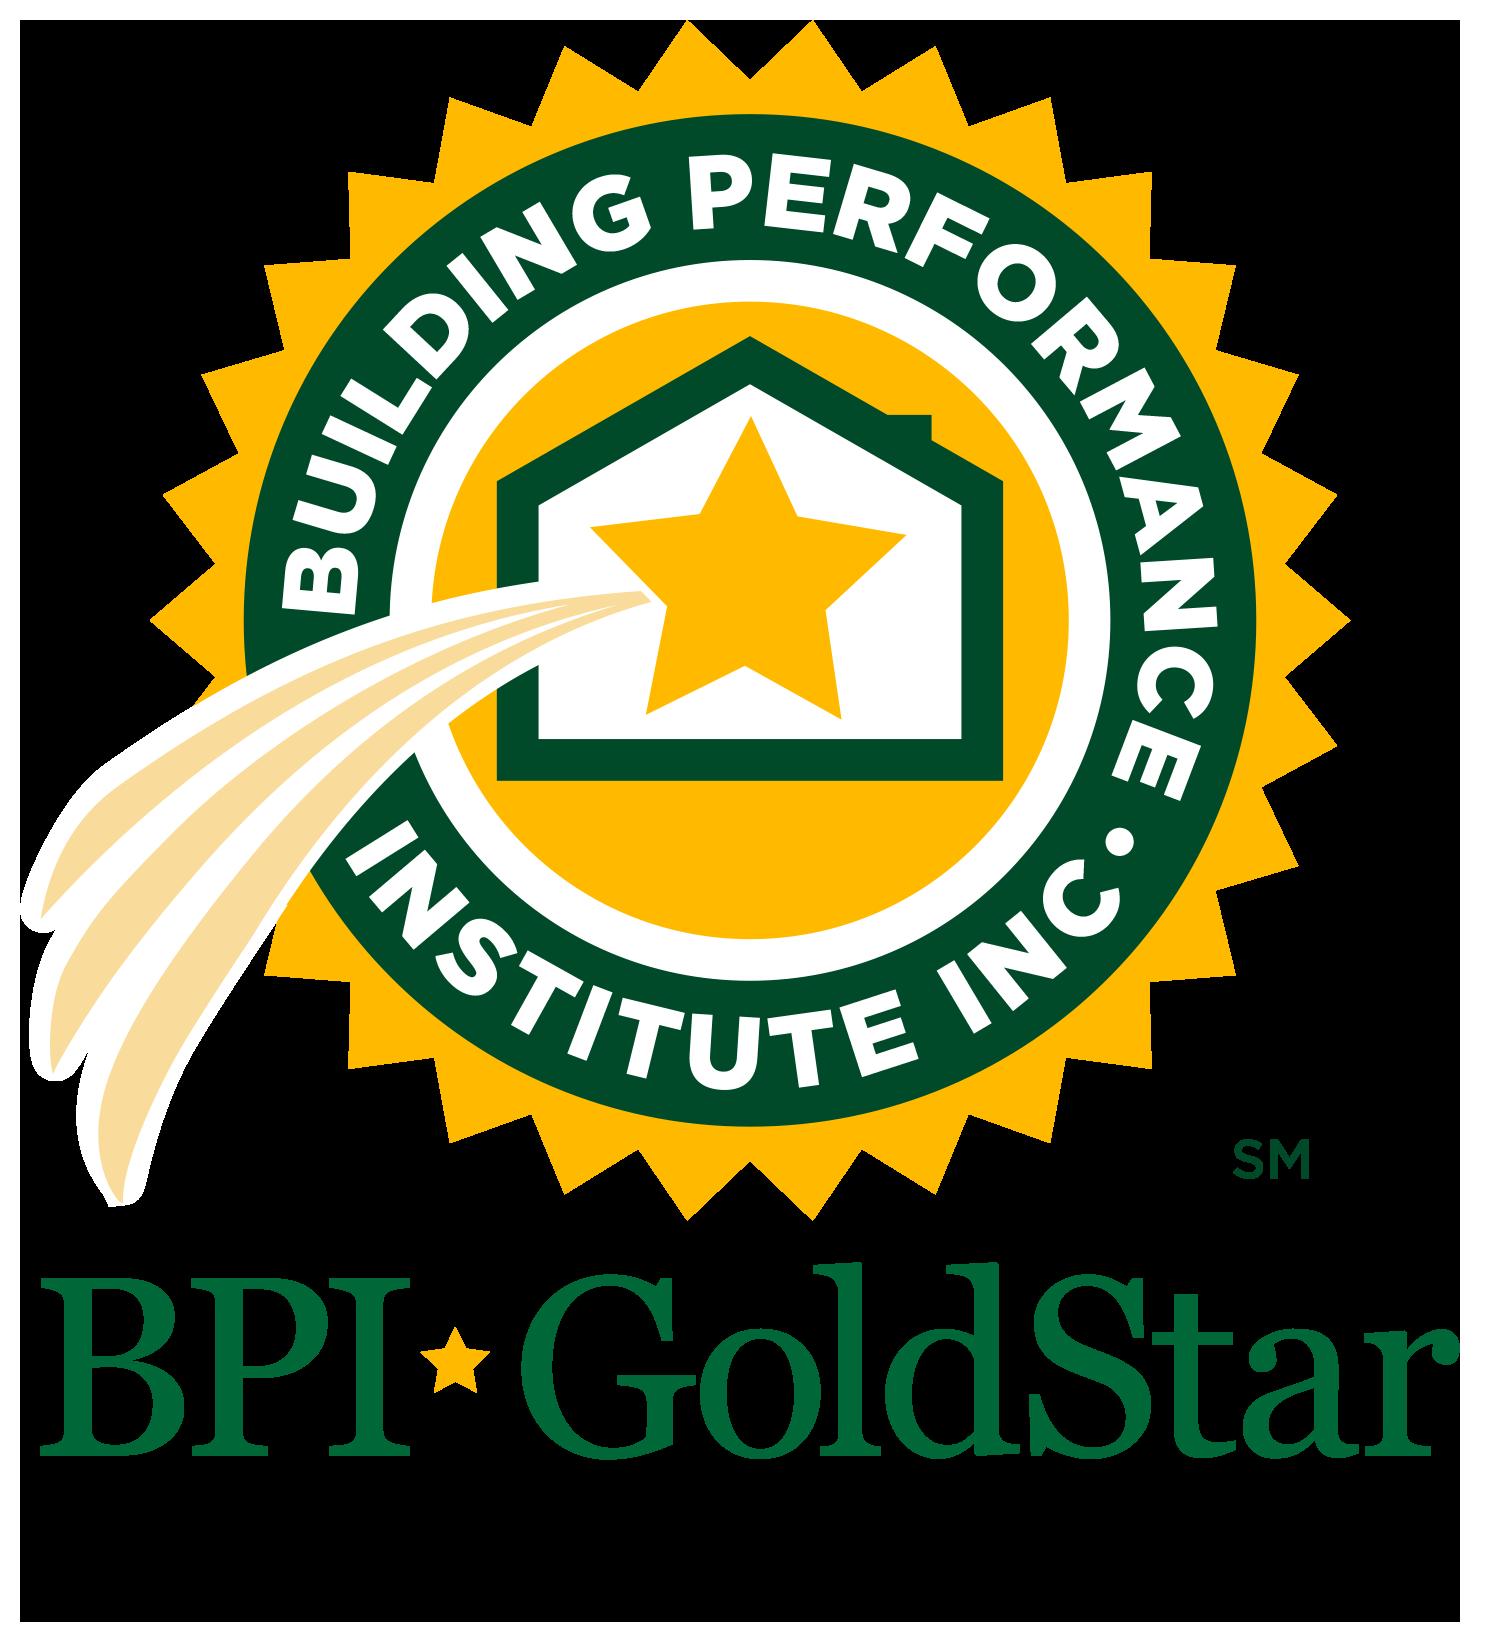 BPI GoldStar RGB - Transparent Background.png